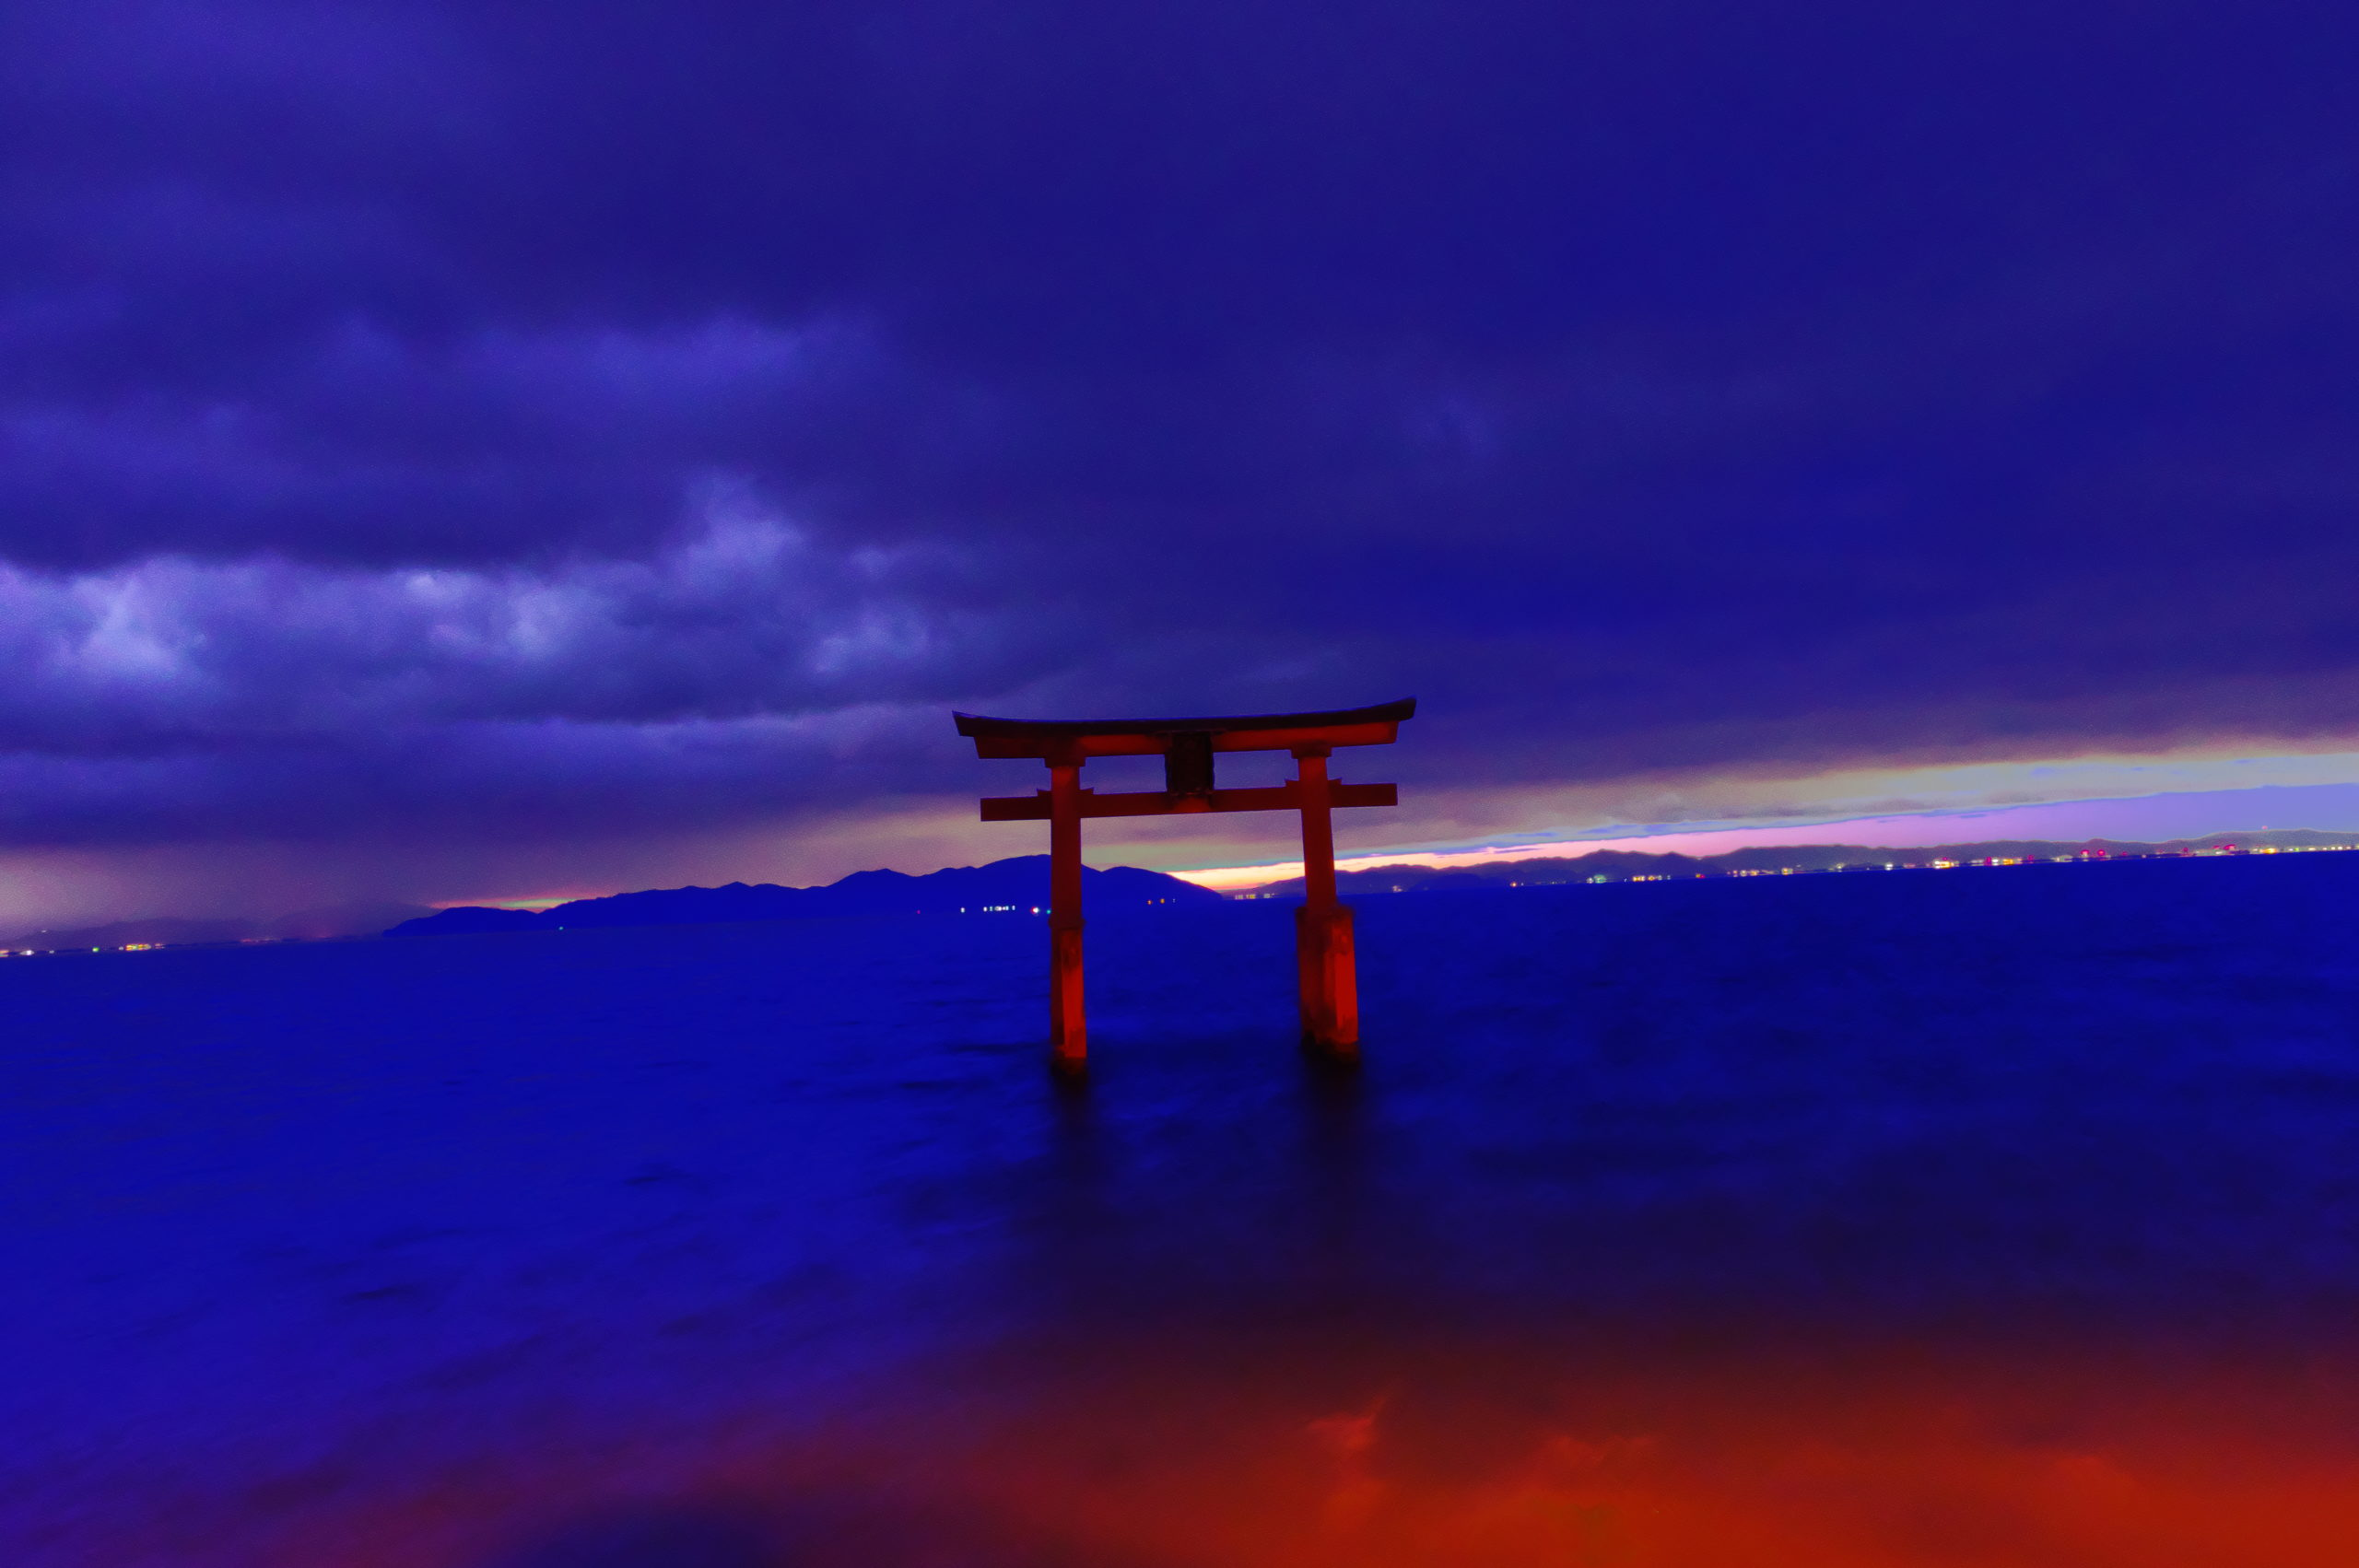 琵琶湖に浮かぶ白鬚神社の鳥居